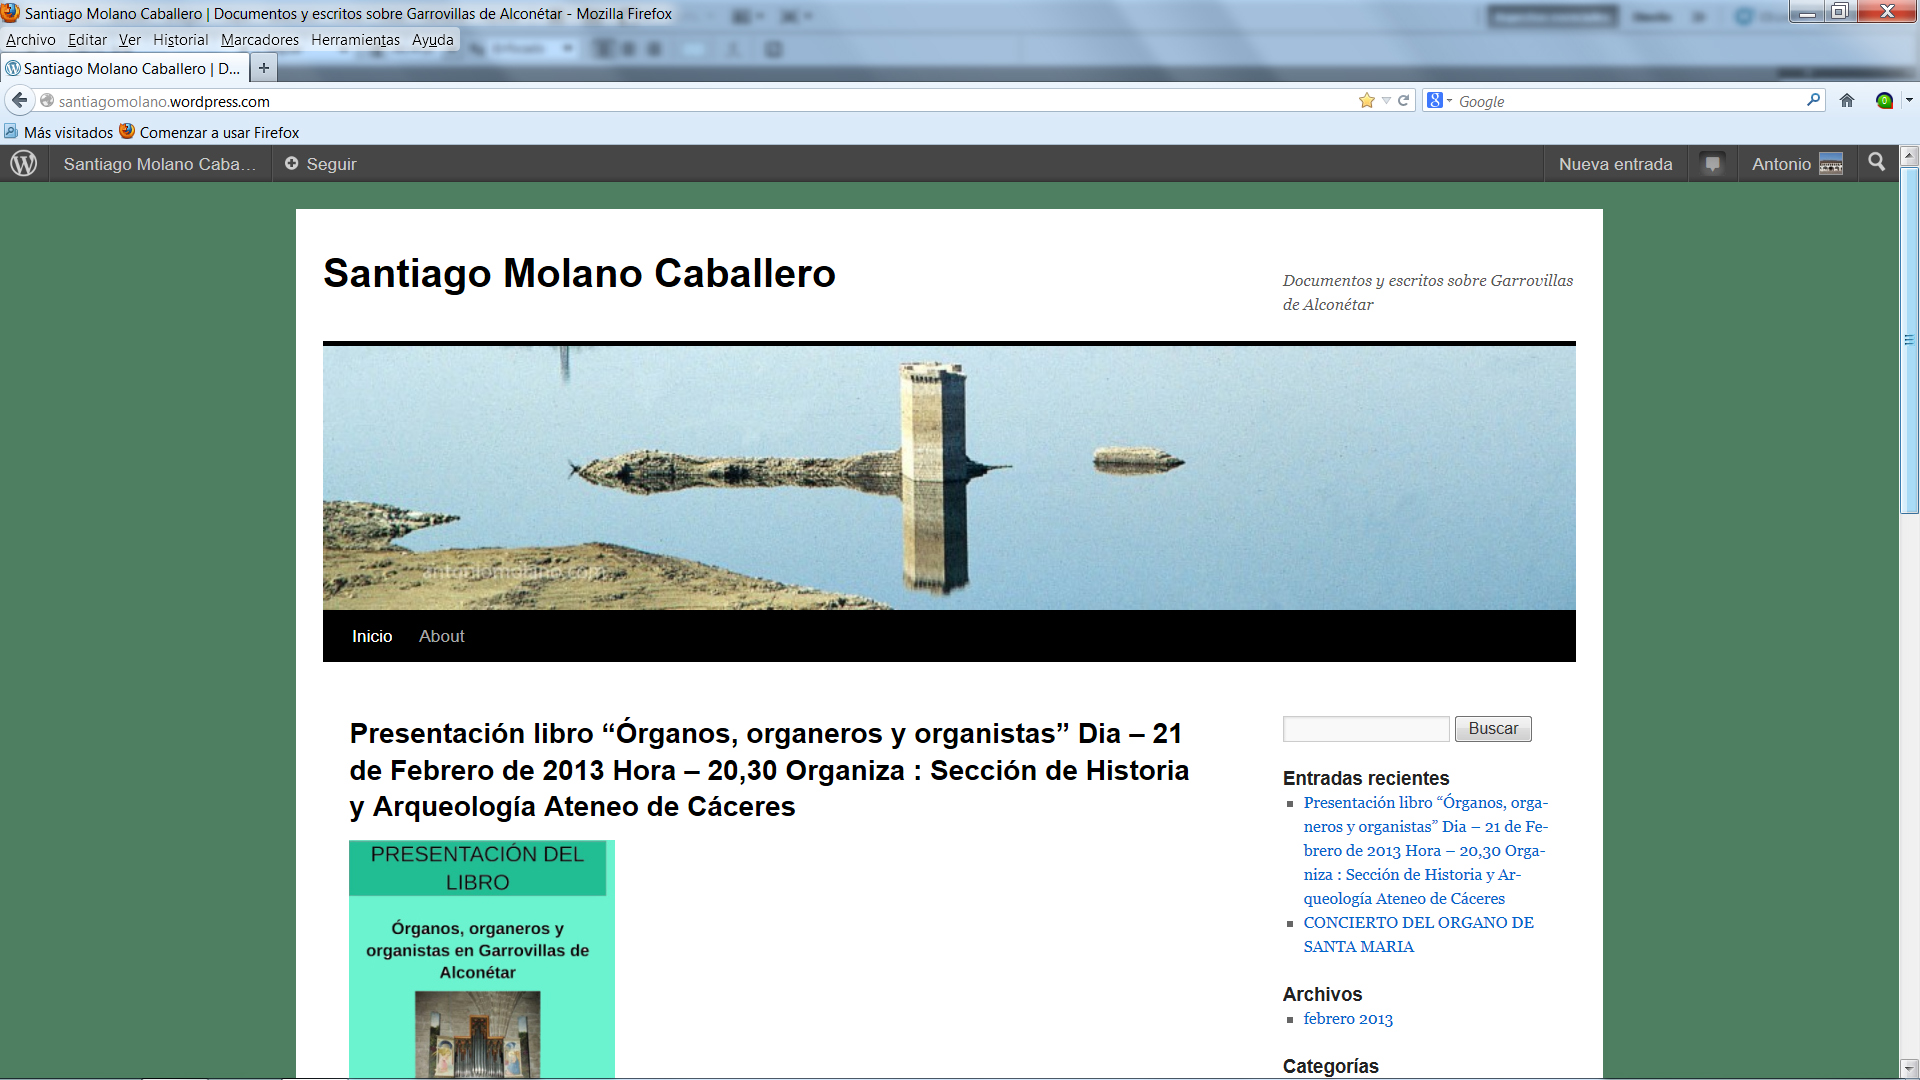 Santiago Molano